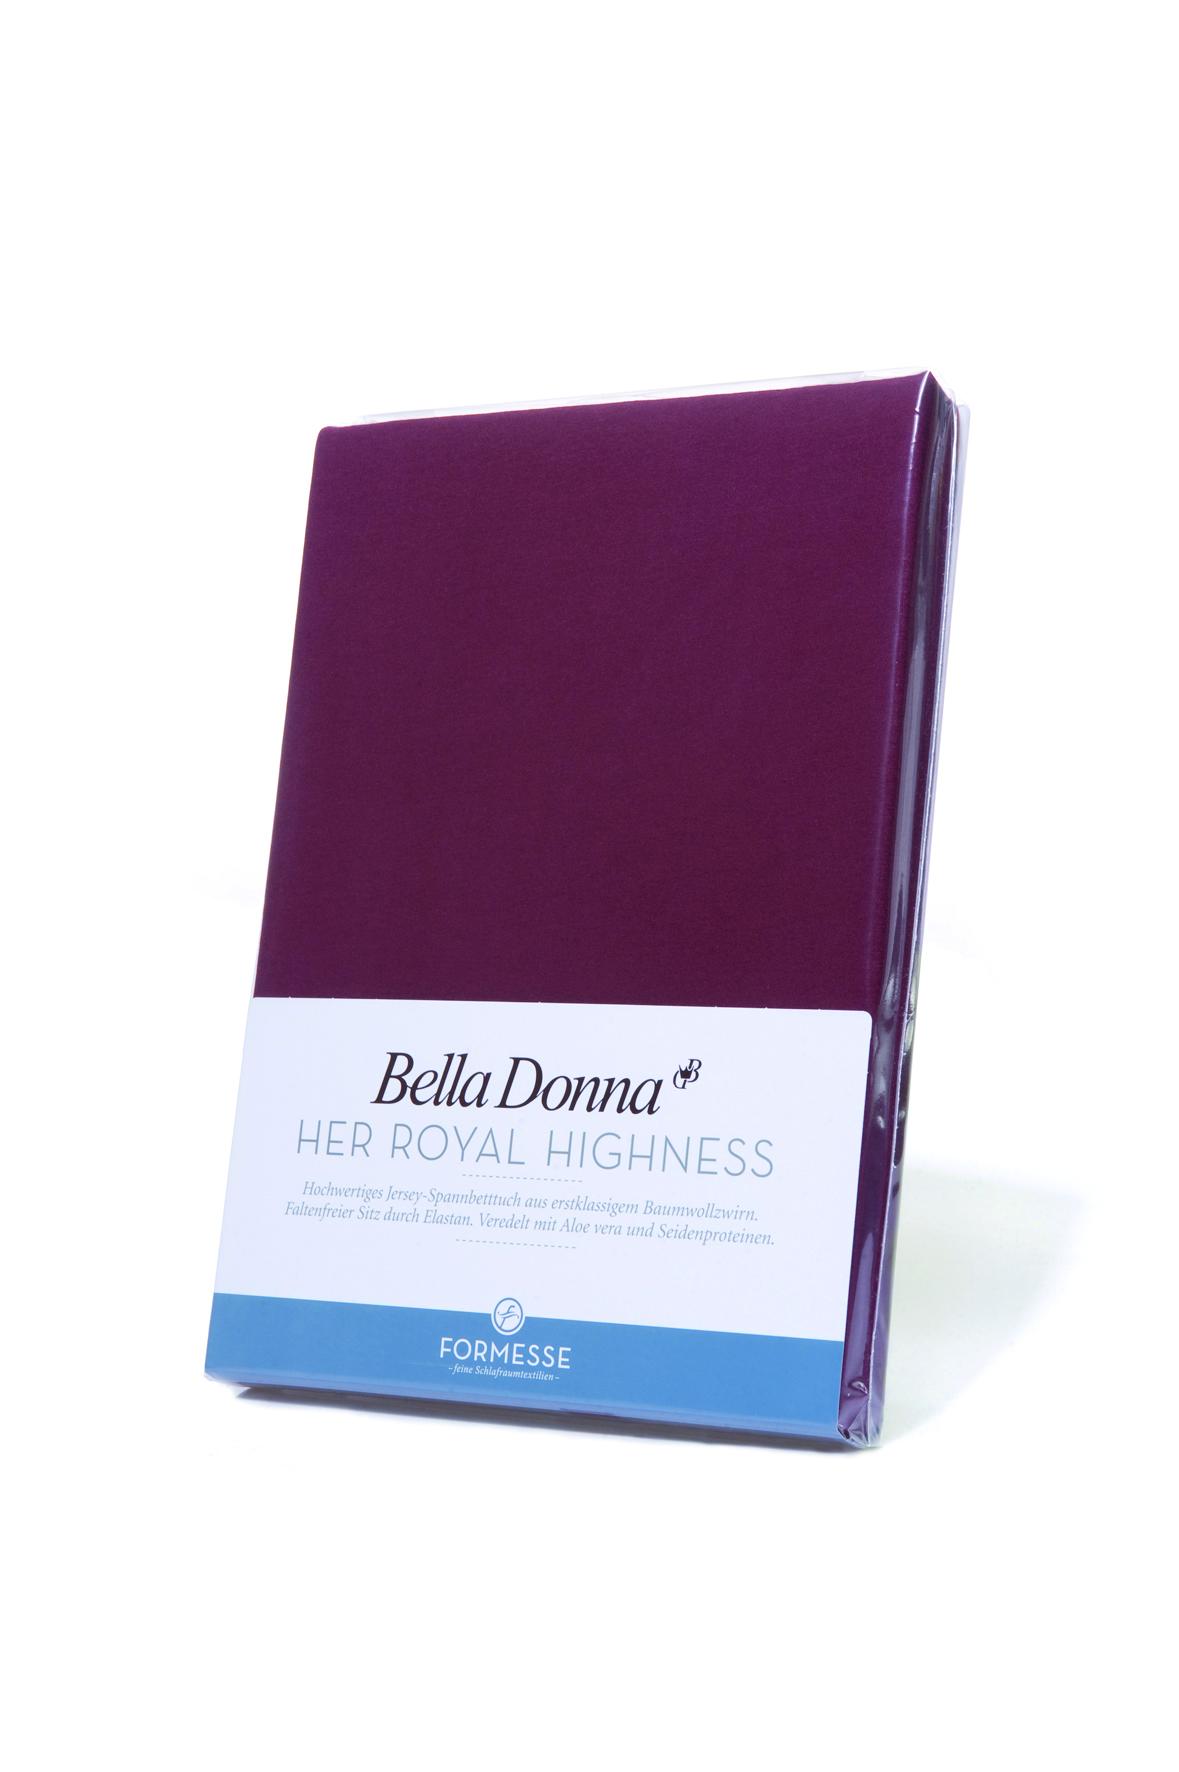 Formesse_Bella Donna-rot